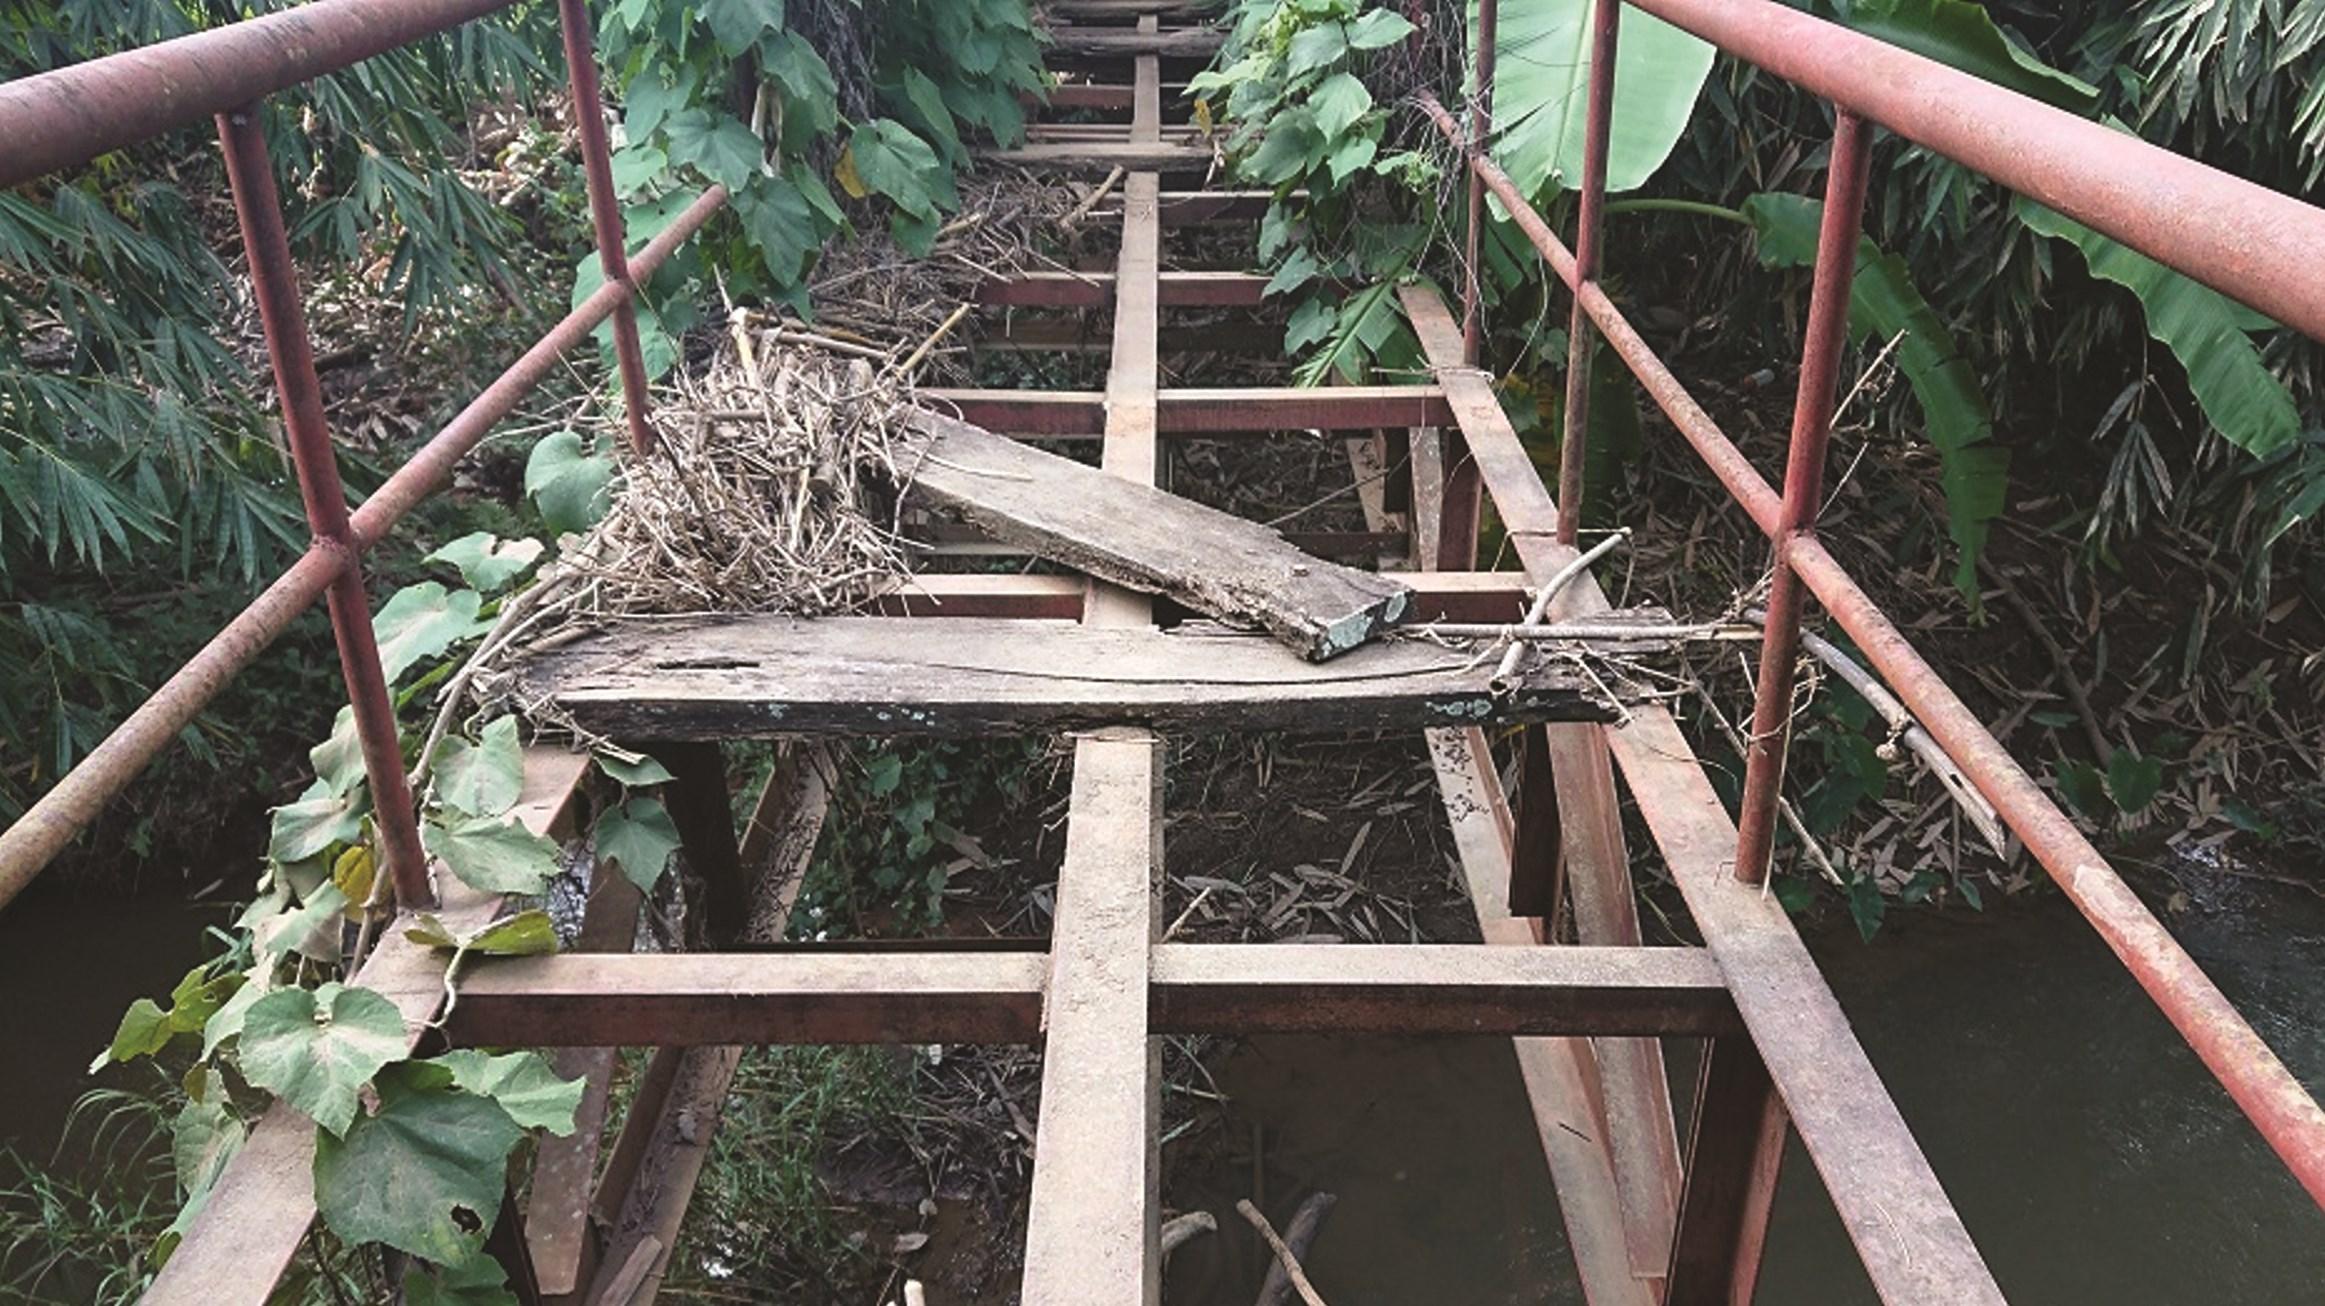 Cây cầu trong khu Di tích sập xệ mục ruỗng, xuống cấp nghiêm trọng